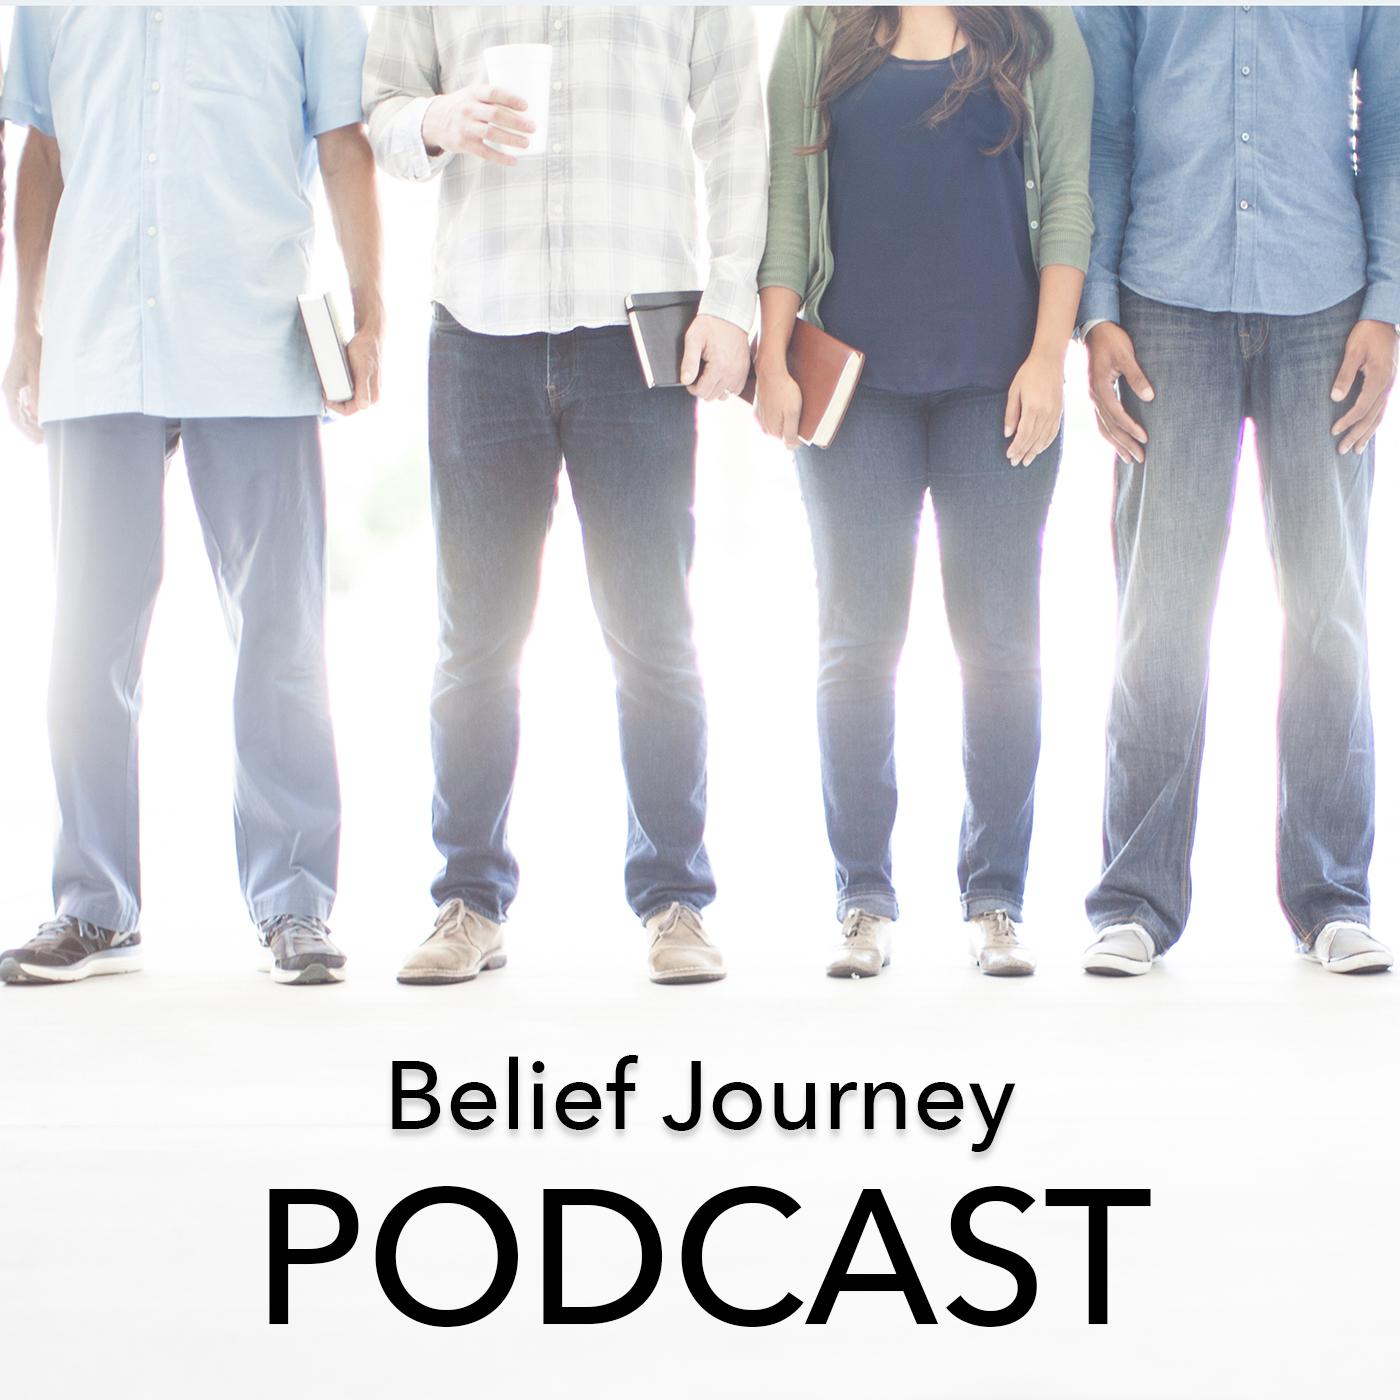 Belief Journey